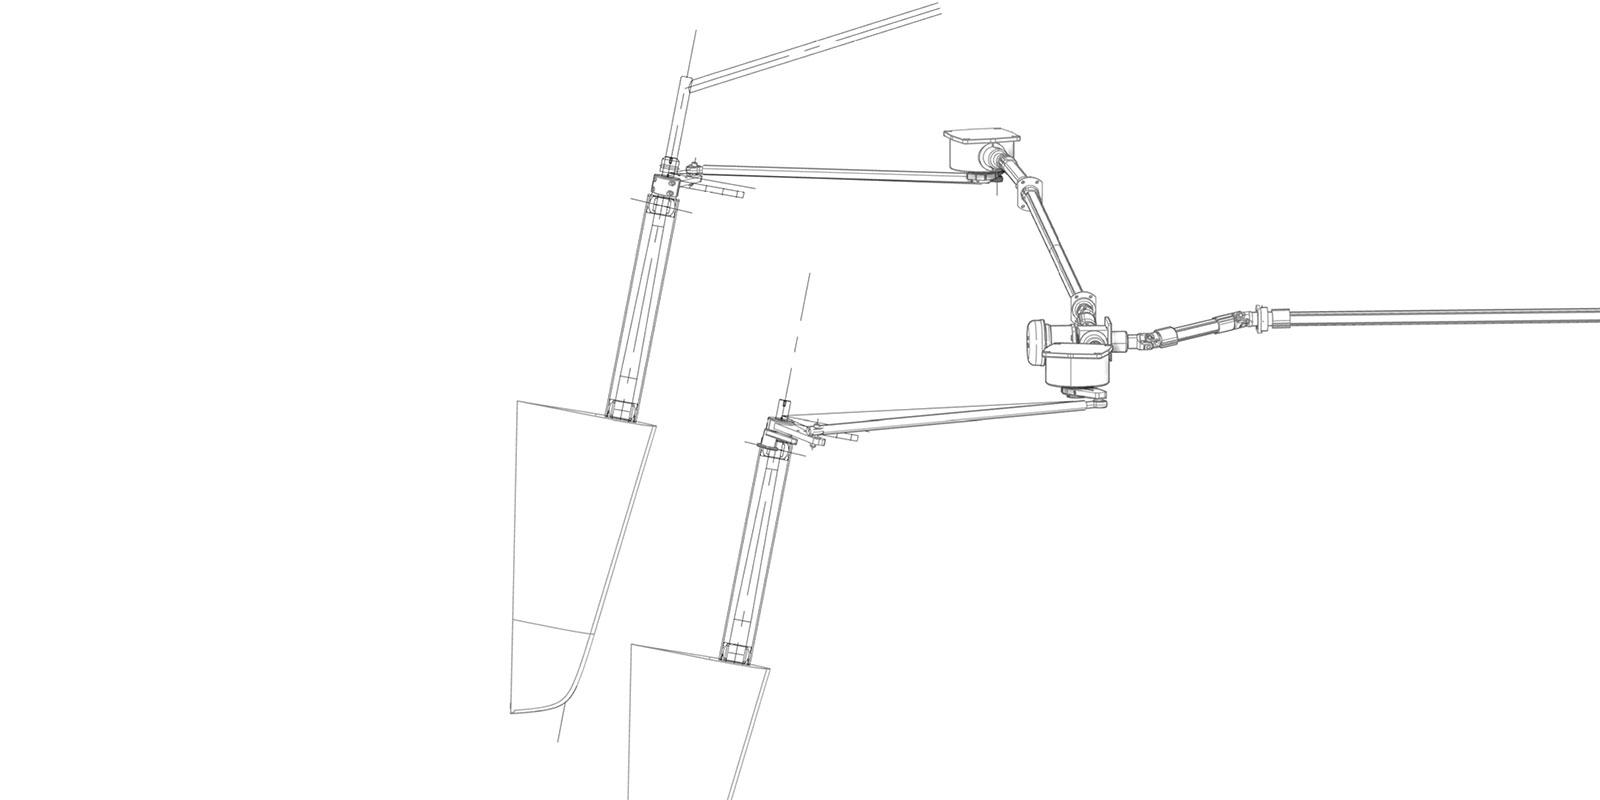 scc-chantier-slider-home02